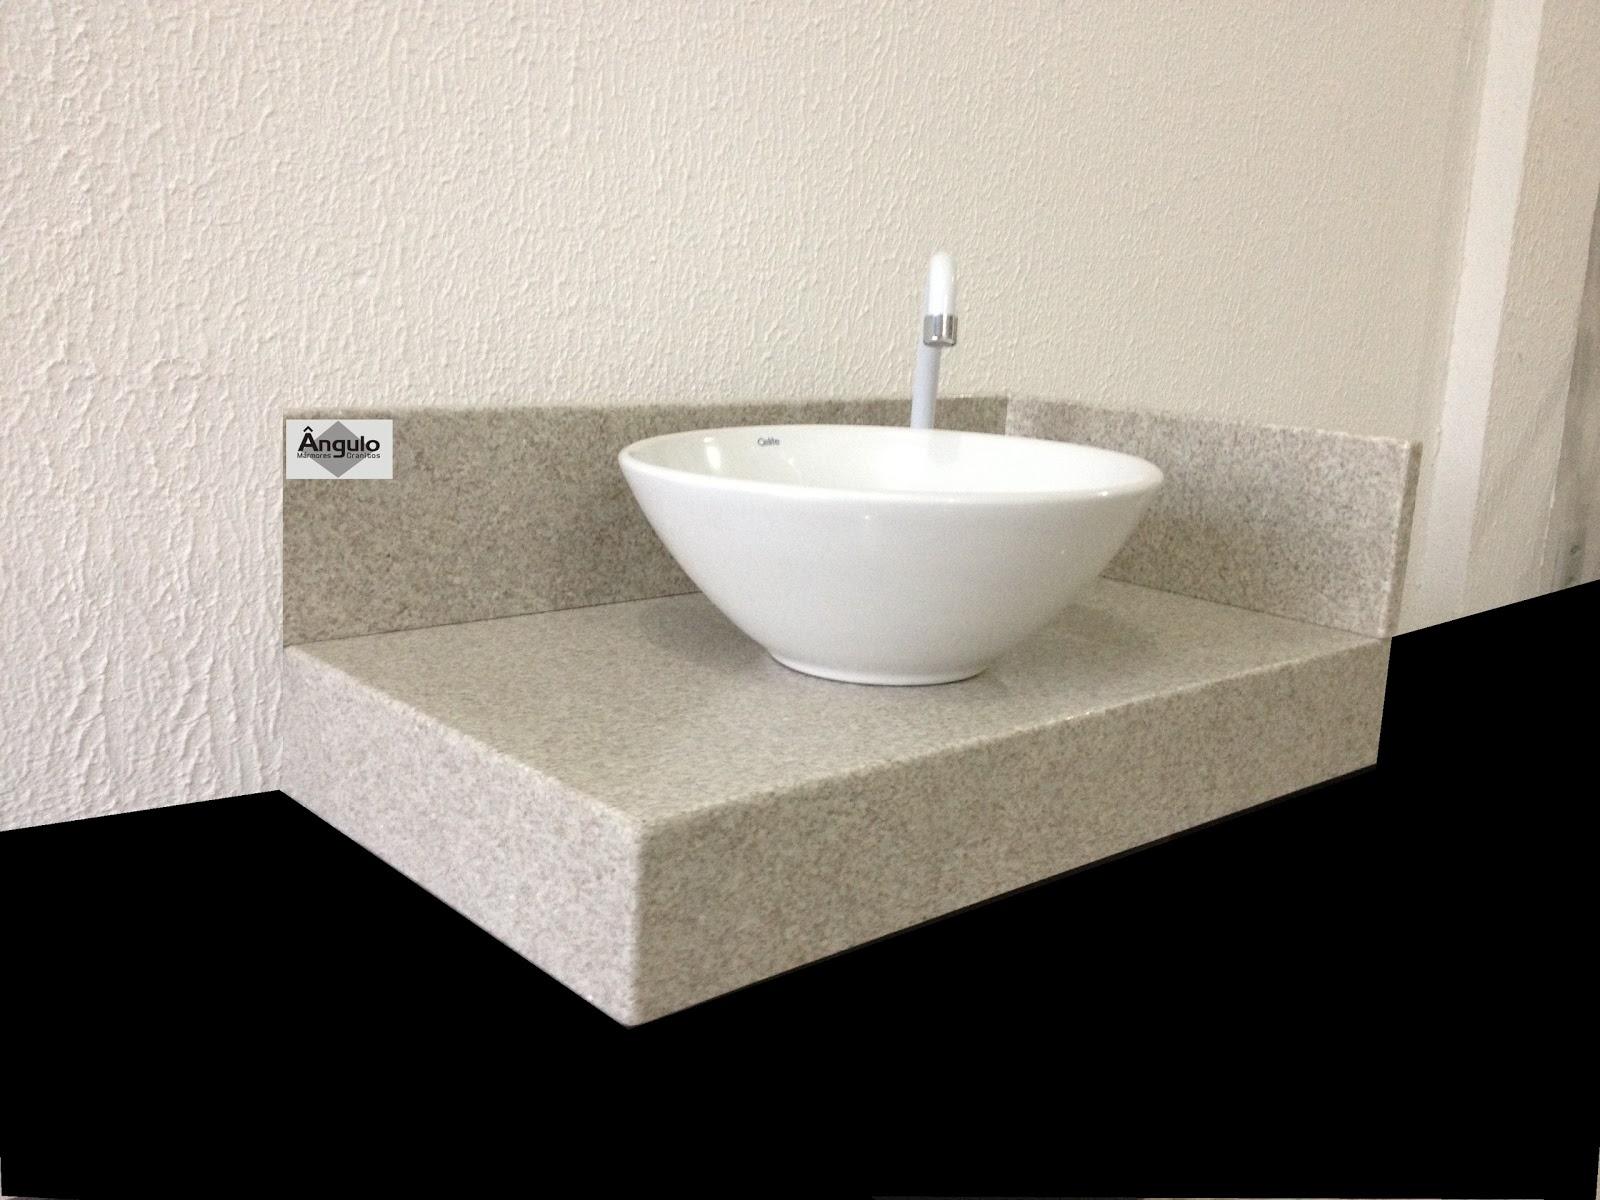 Testeira de 10cm e rodopia de 15cm! #000000 1600x1200 Bancada De Banheiro Em Marmore Carrara